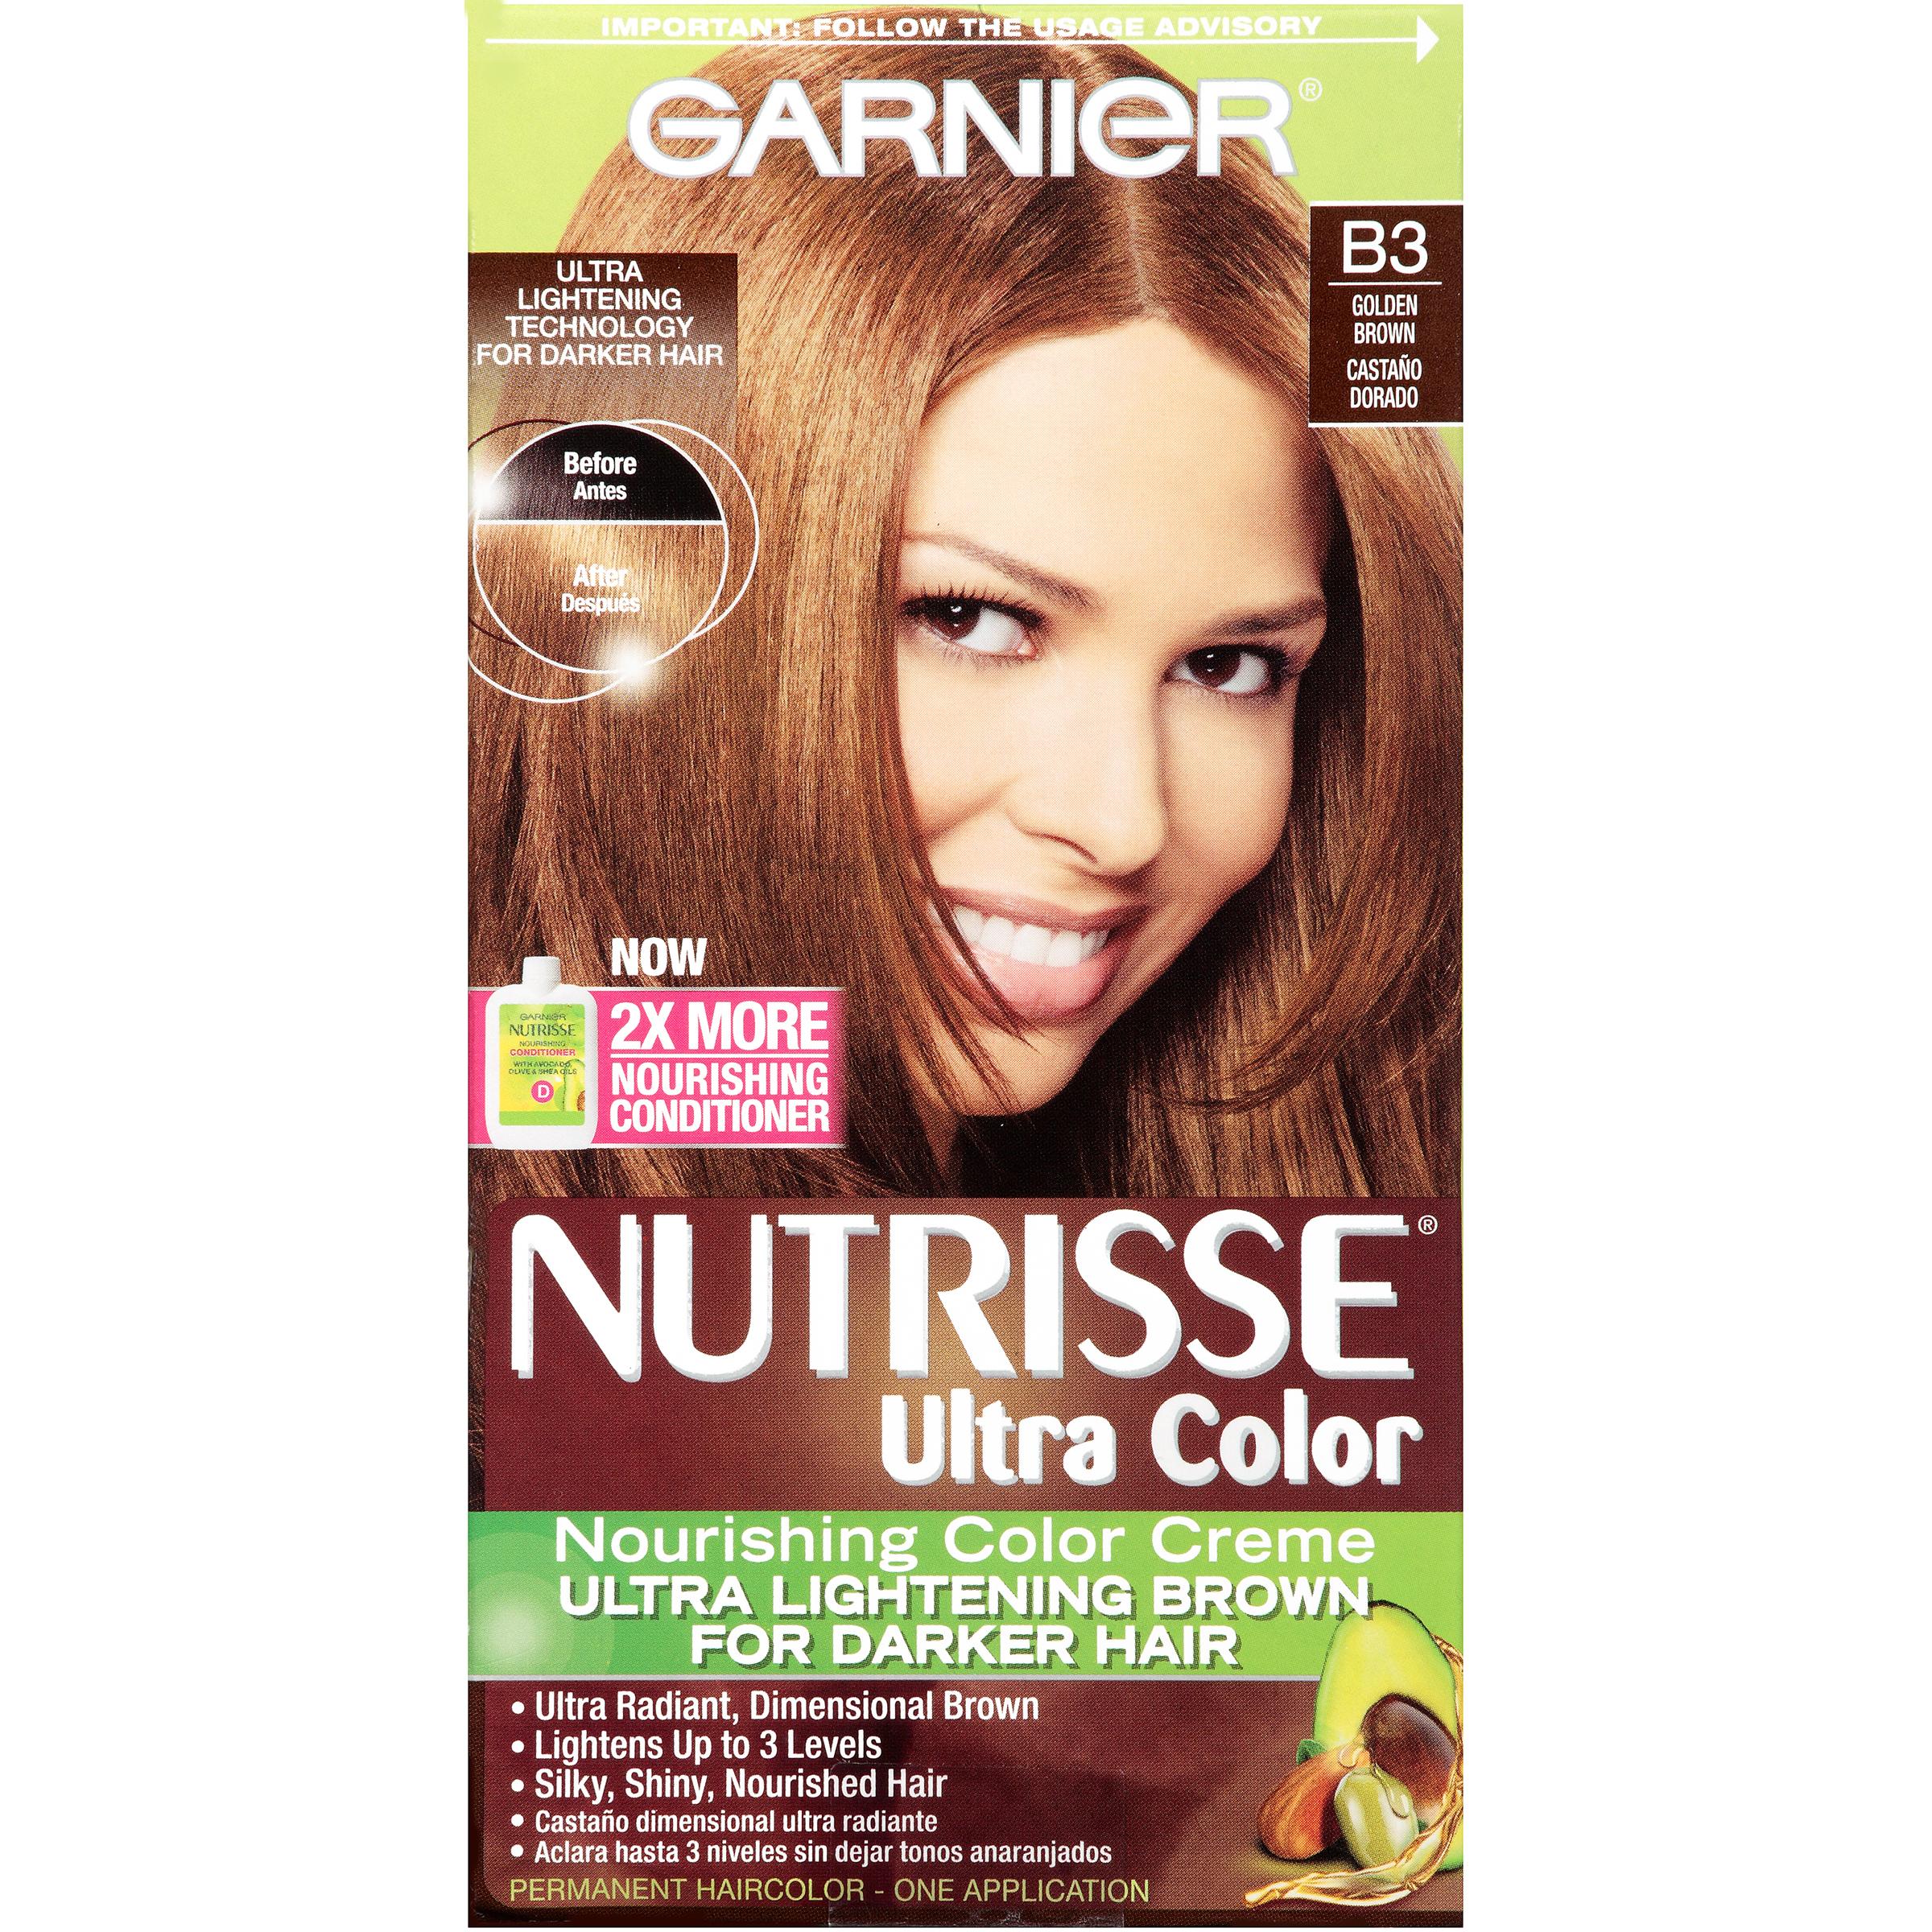 Garnier Nutrisse Ultra Color Nourishing Color Creme Shop